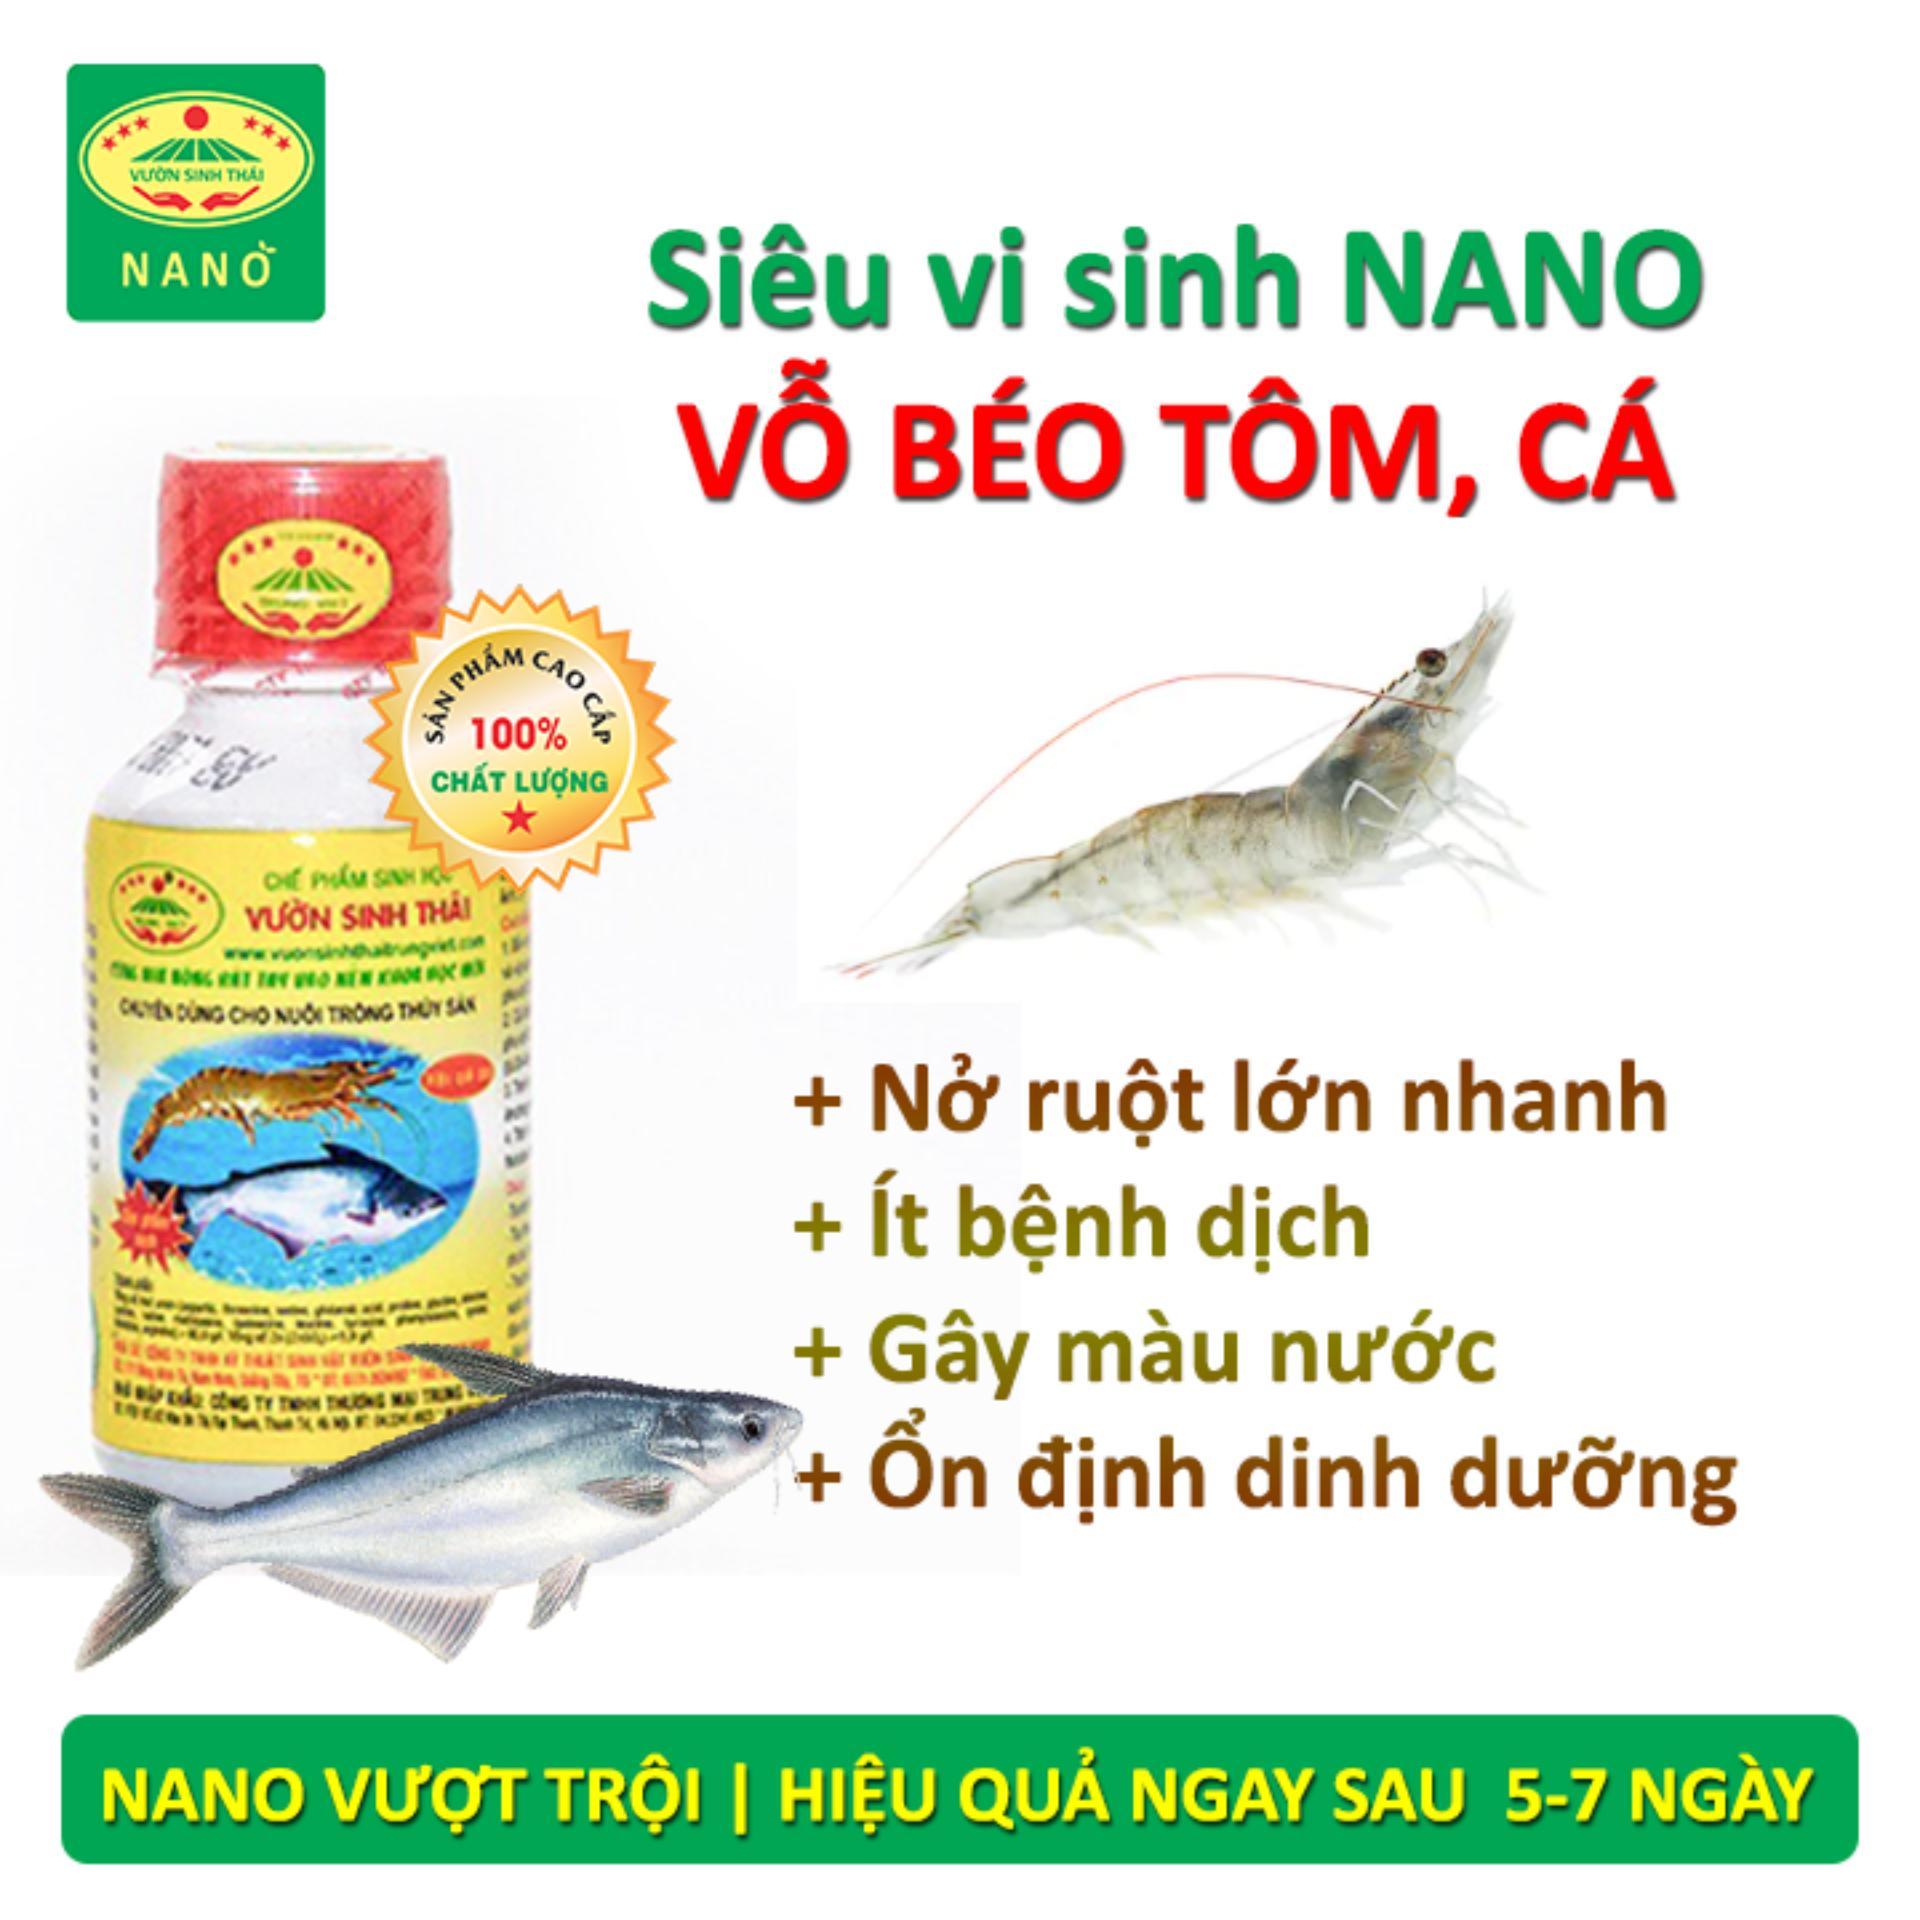 Hình ảnh Chế phẩm sinh học Vườn Sinh Thái dùng cho Thủy Sản - Thức ăn bổ sung cho Cá, Tôm - Vỗ béo, nở ruột, chắc thịt lớn nhanh - Siêu vi sinh NANO hiệu quả vượt trội - 100% từ Thiên Nhiên